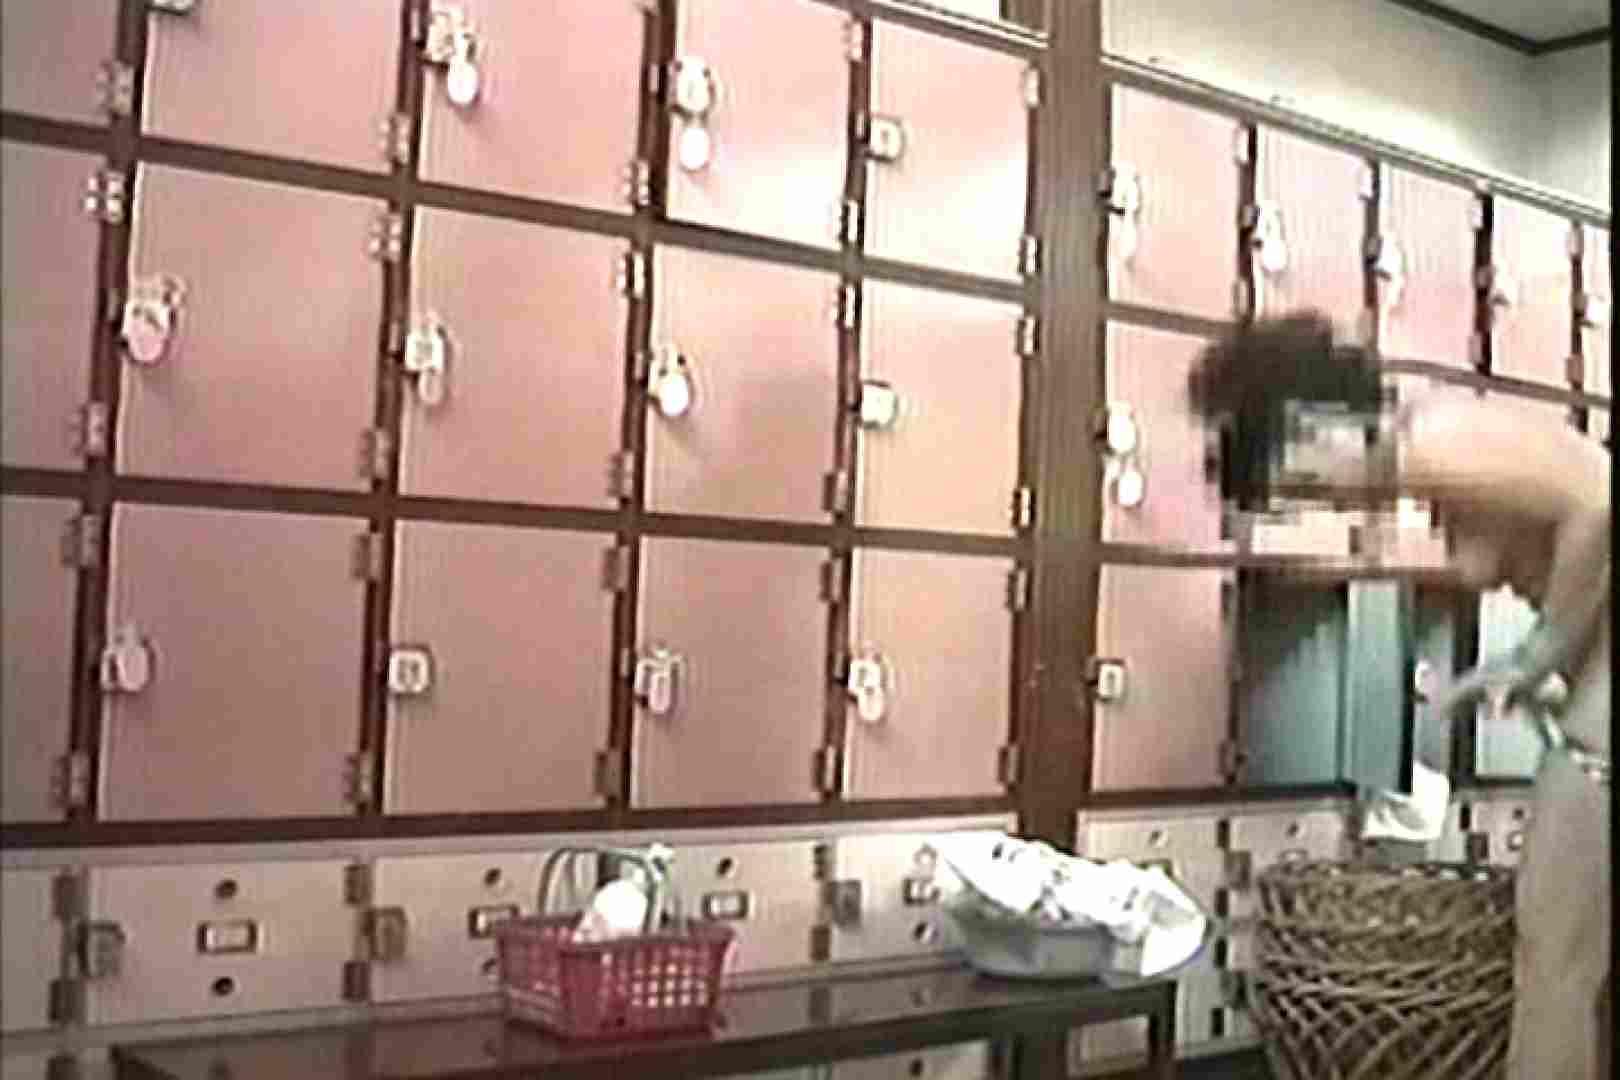 女性だからここまで撮れた 脱衣所盗撮 TK-96 脱衣所 盗み撮りAV無料動画キャプチャ 103画像 23